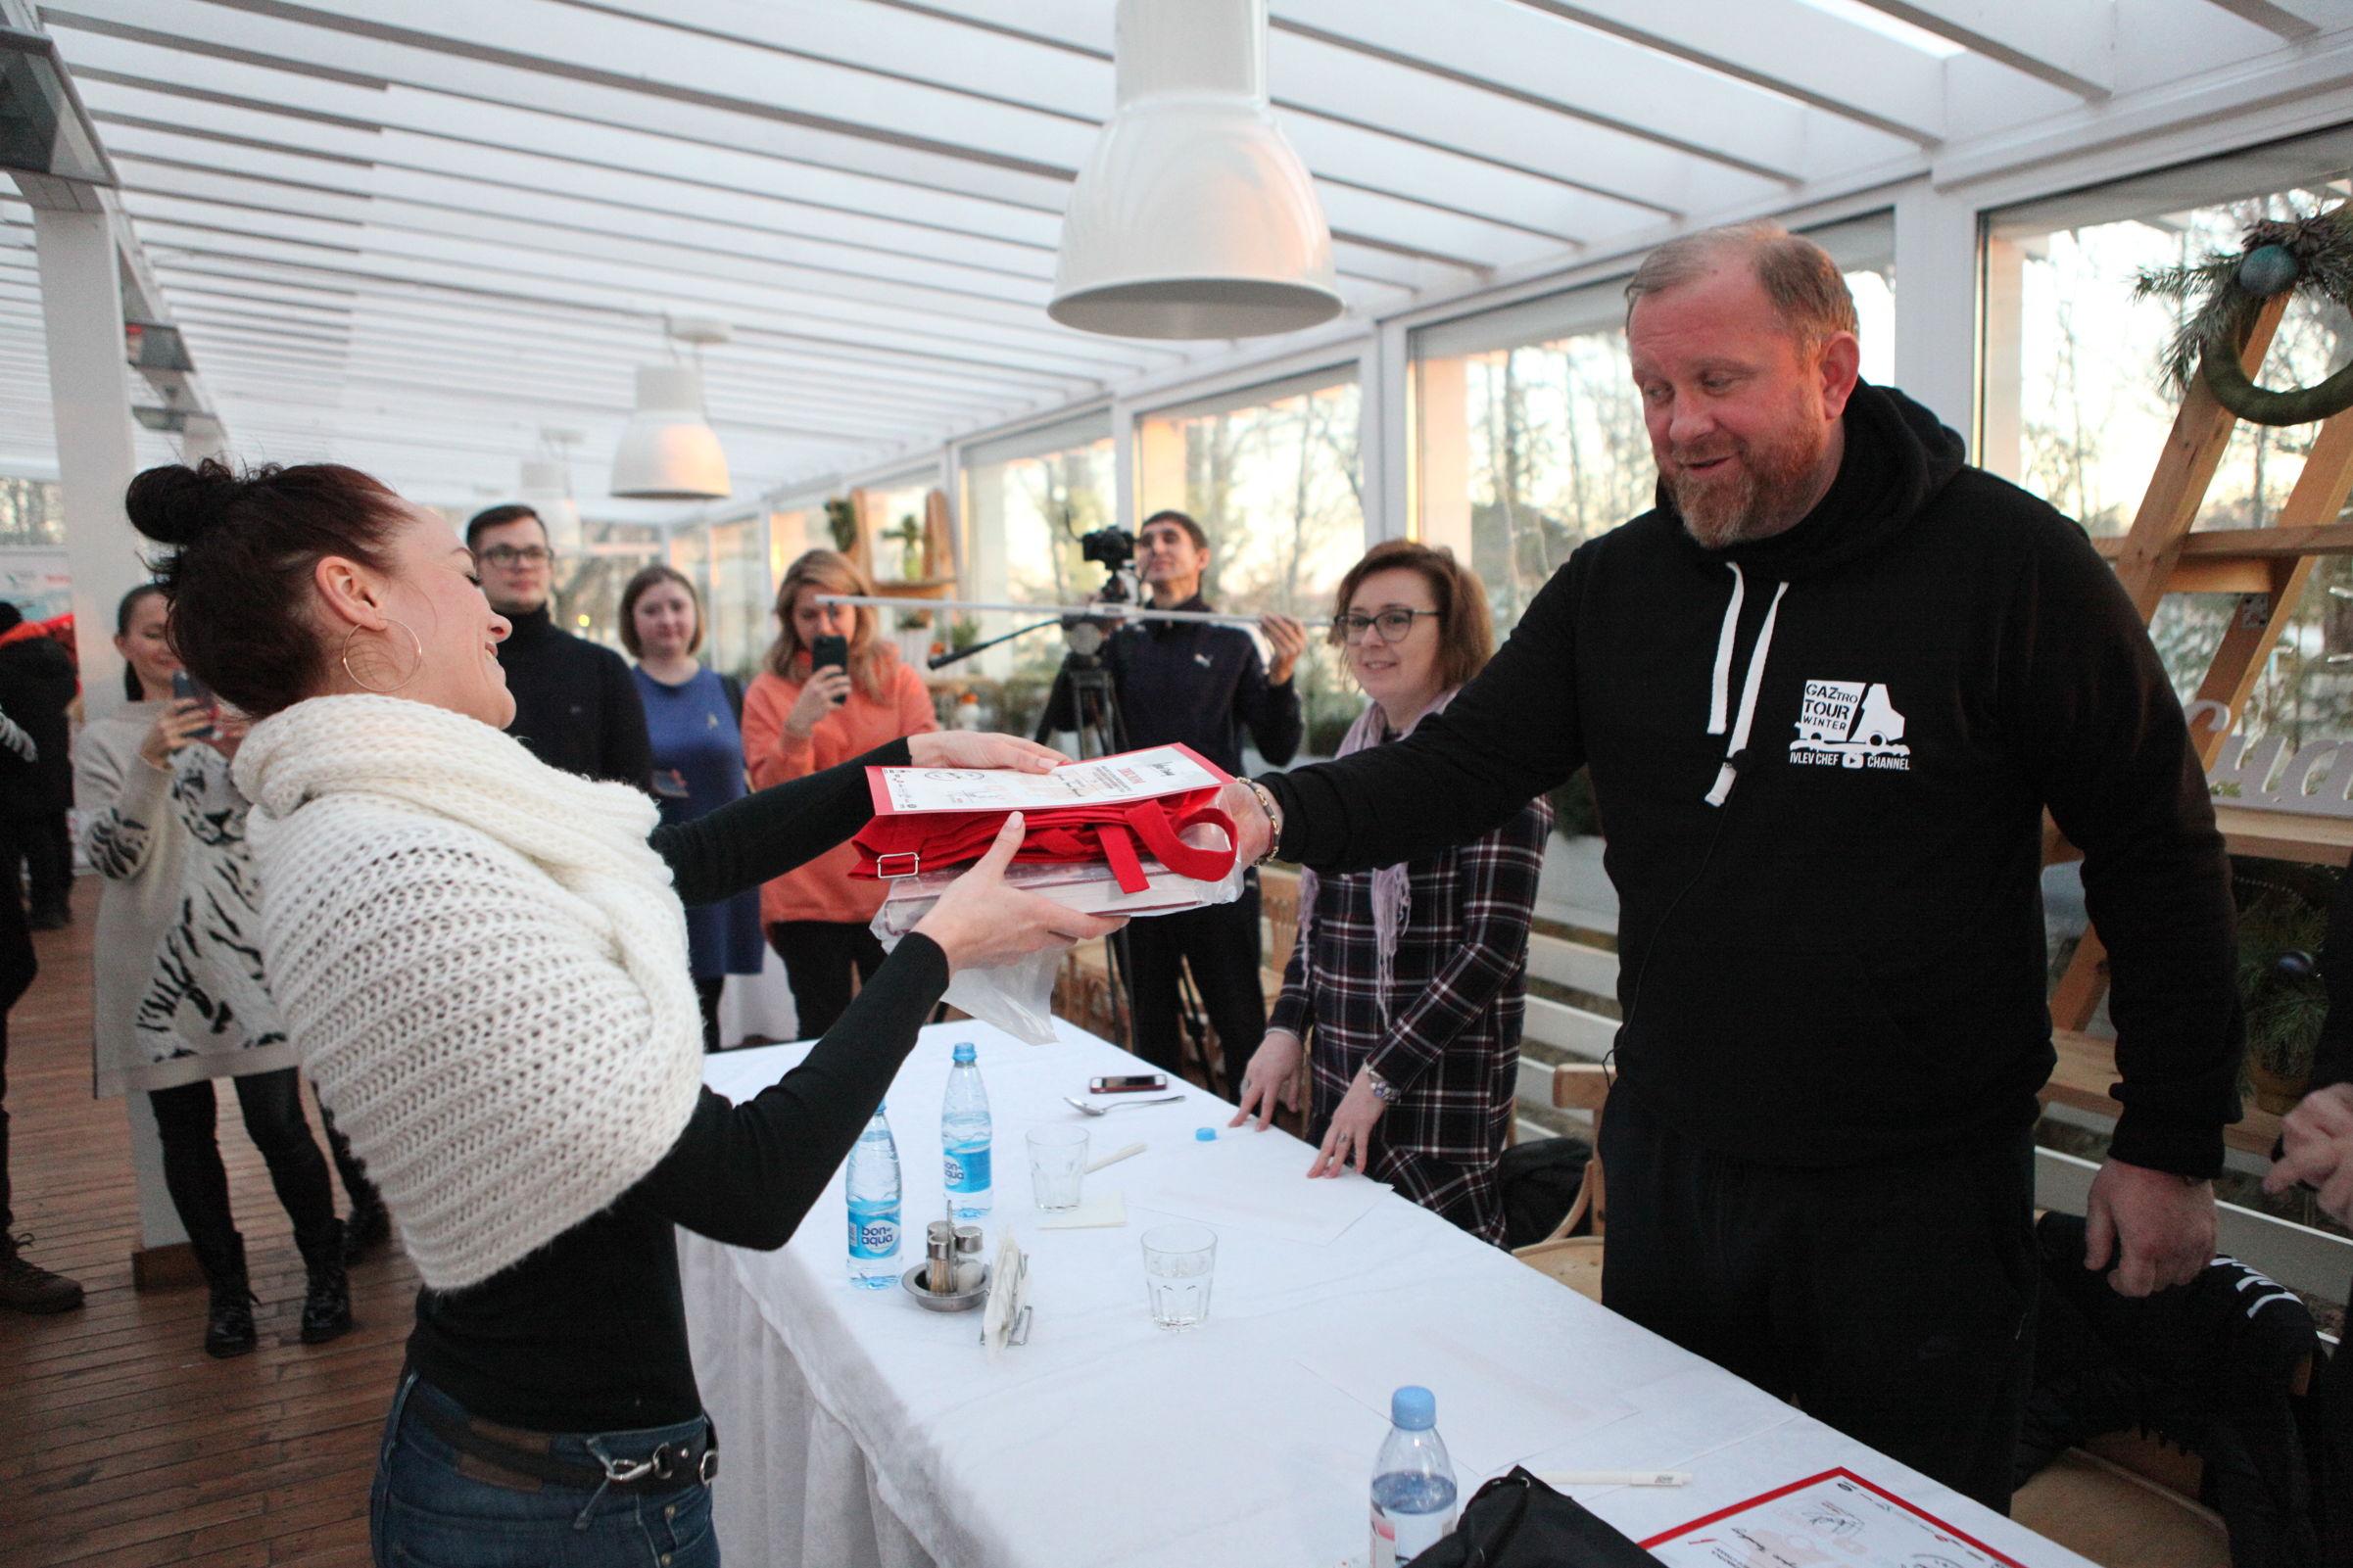 Ивлев в Ярославле: самое важное в Новый год для россиян – оливье, селедка под шубой и Путин